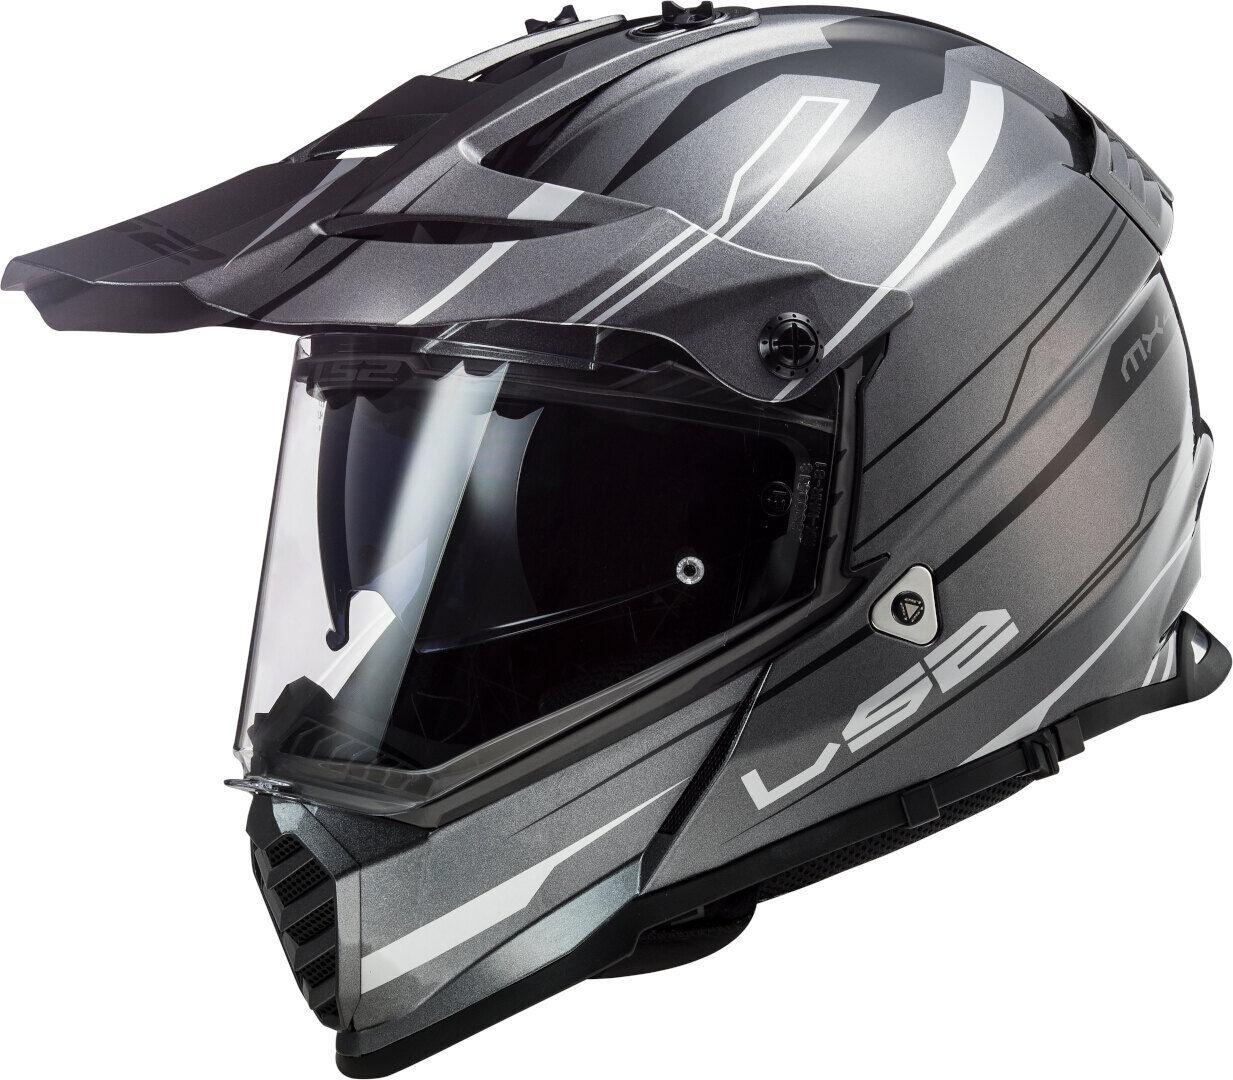 ls2 mx436 pioneer evo knight motocross helmet grey